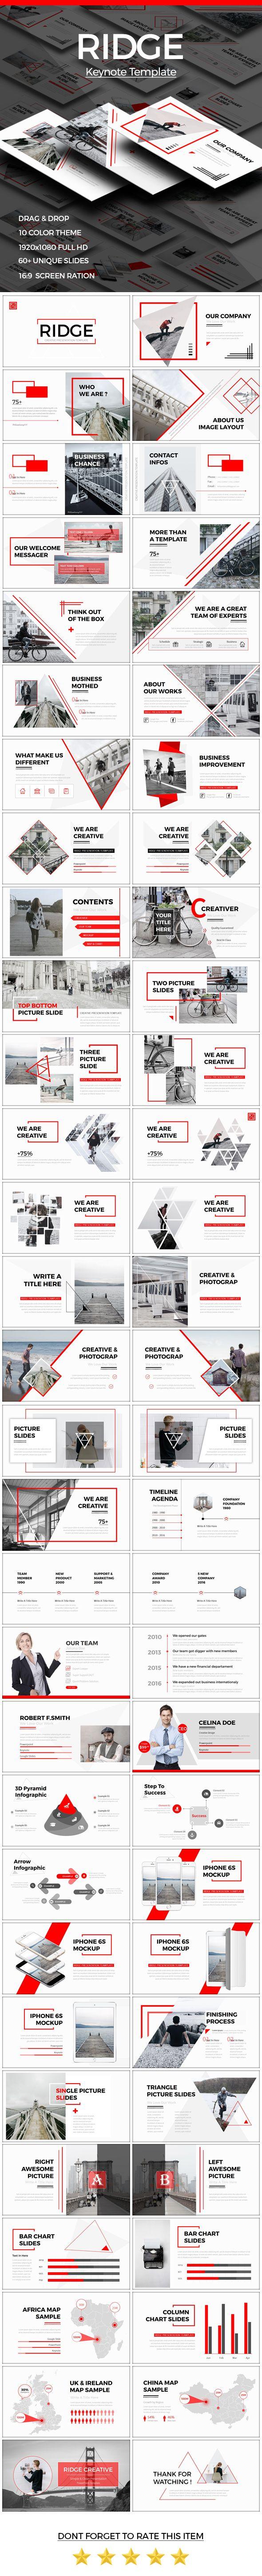 RIDGE - CREATIVE Keynote Template | Revistas, Diseño de presentación ...